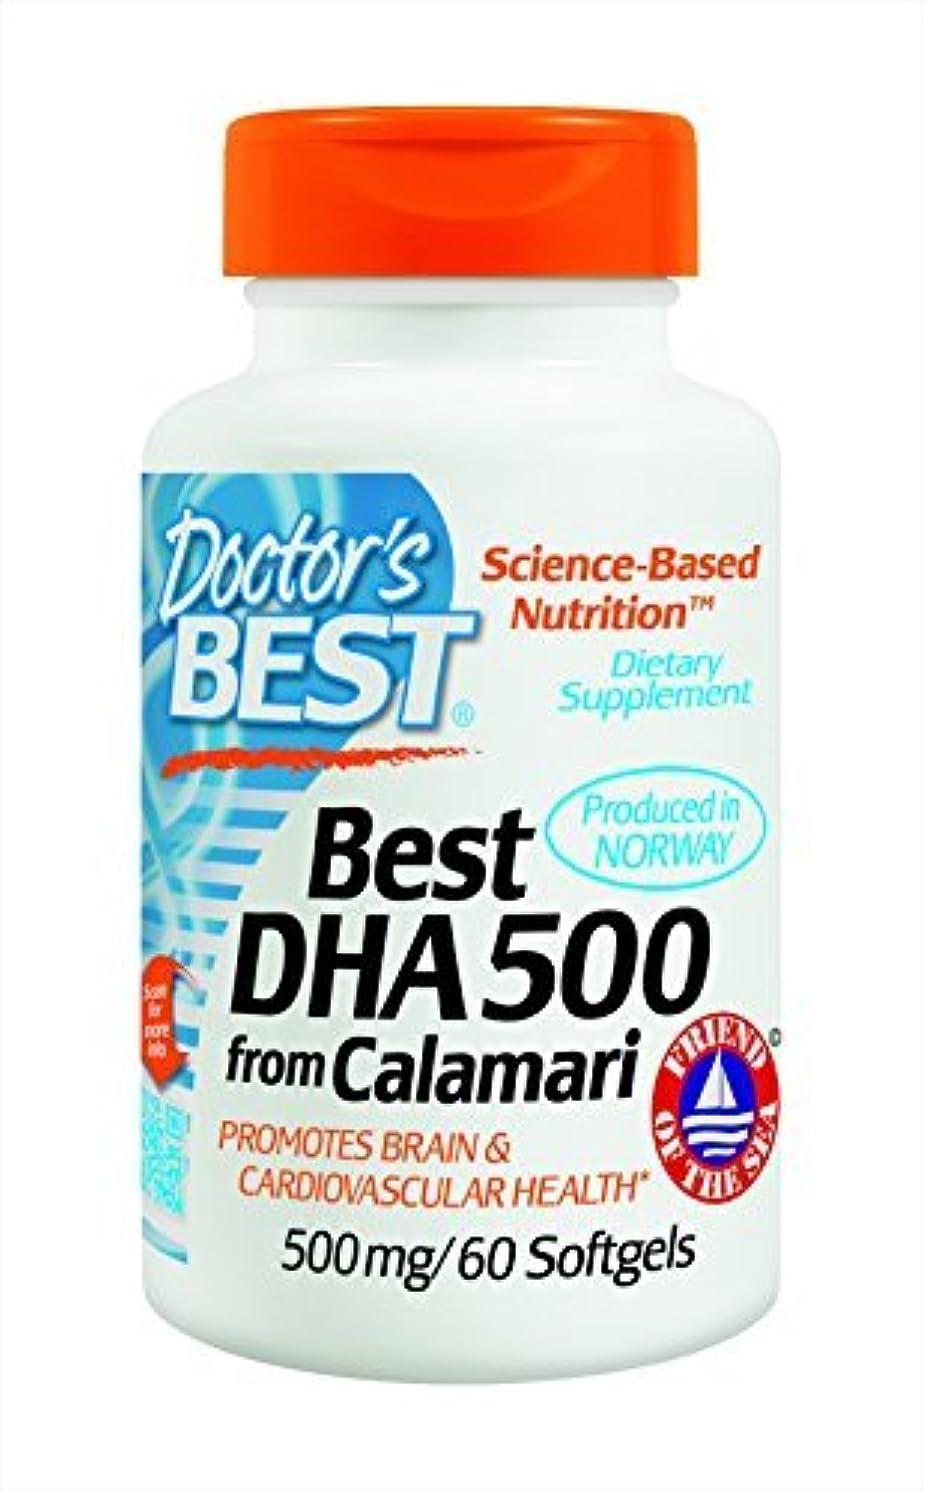 フレキシブル法医学醜いDoctor's Best Best DHA 500 from Calamari, 500 mg, 60 Softgels by Doctor's Best [並行輸入品]